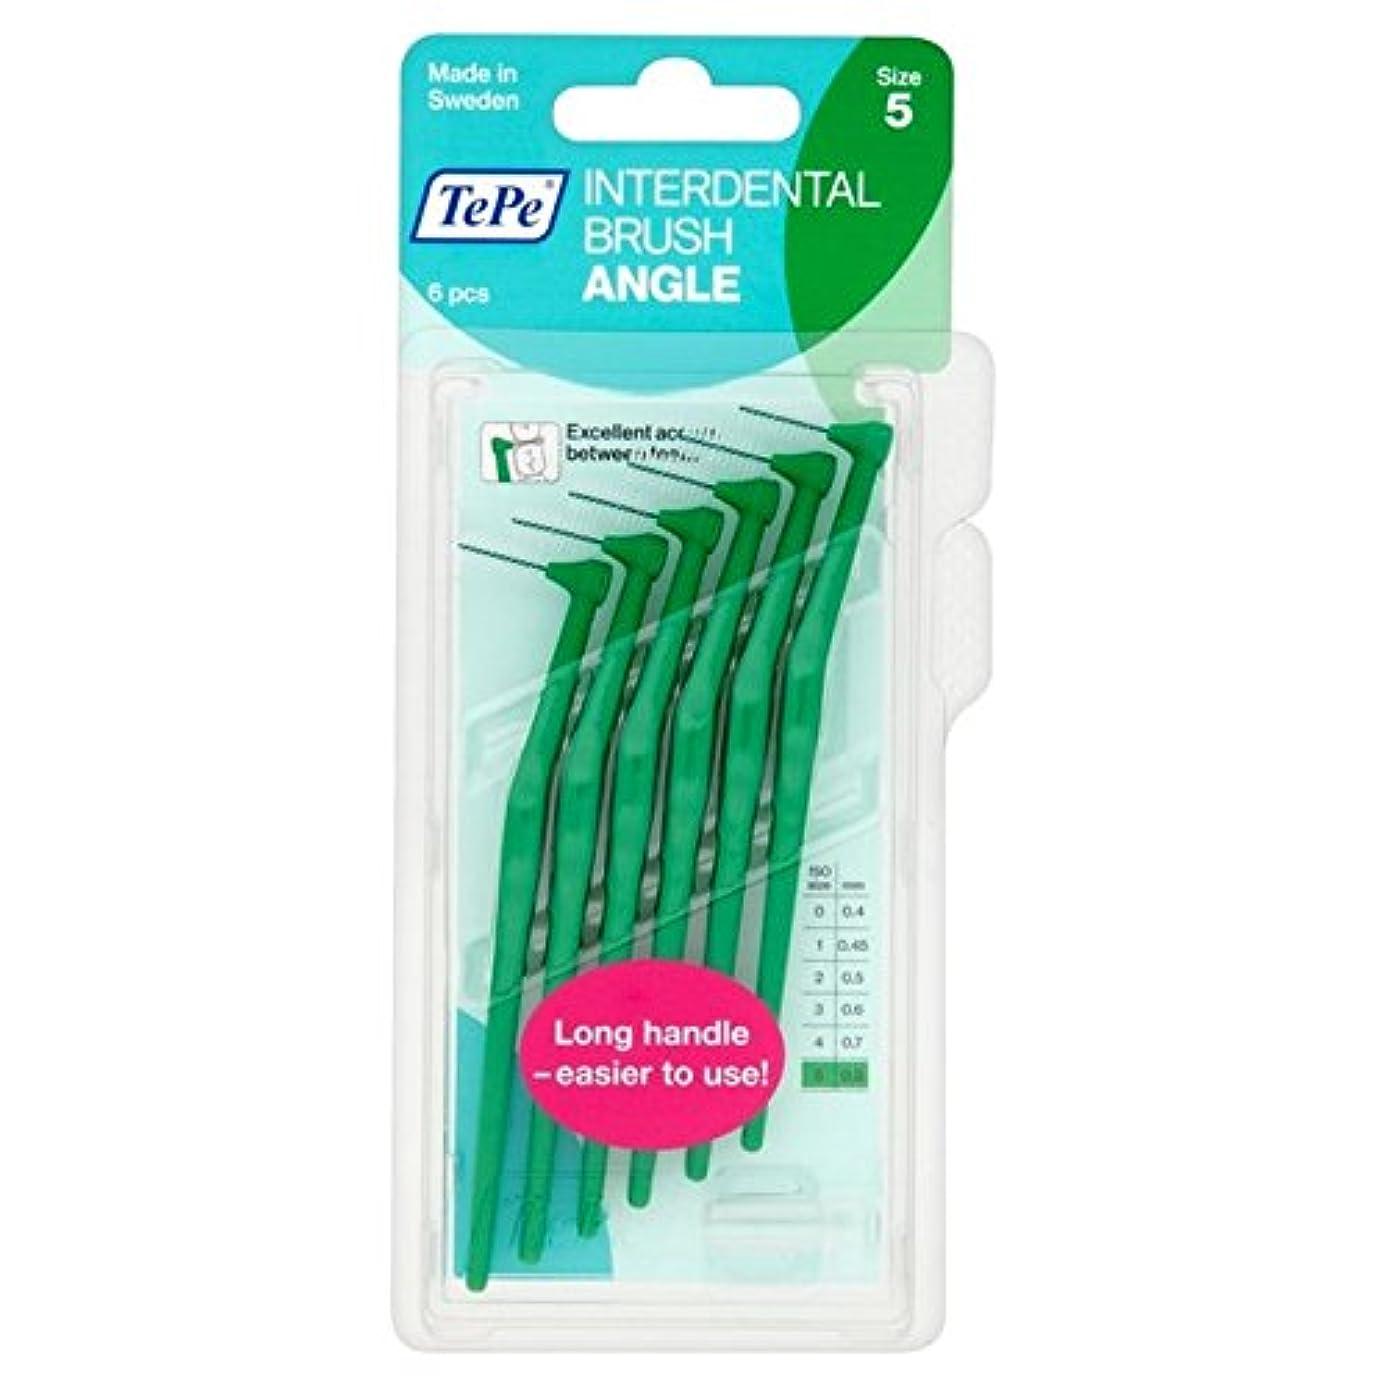 選出するオーディションファイターパックあたり6 0.8ミリメートル緑テペ角度 x2 - TePe Angle Green 0.8mm 6 per pack (Pack of 2) [並行輸入品]